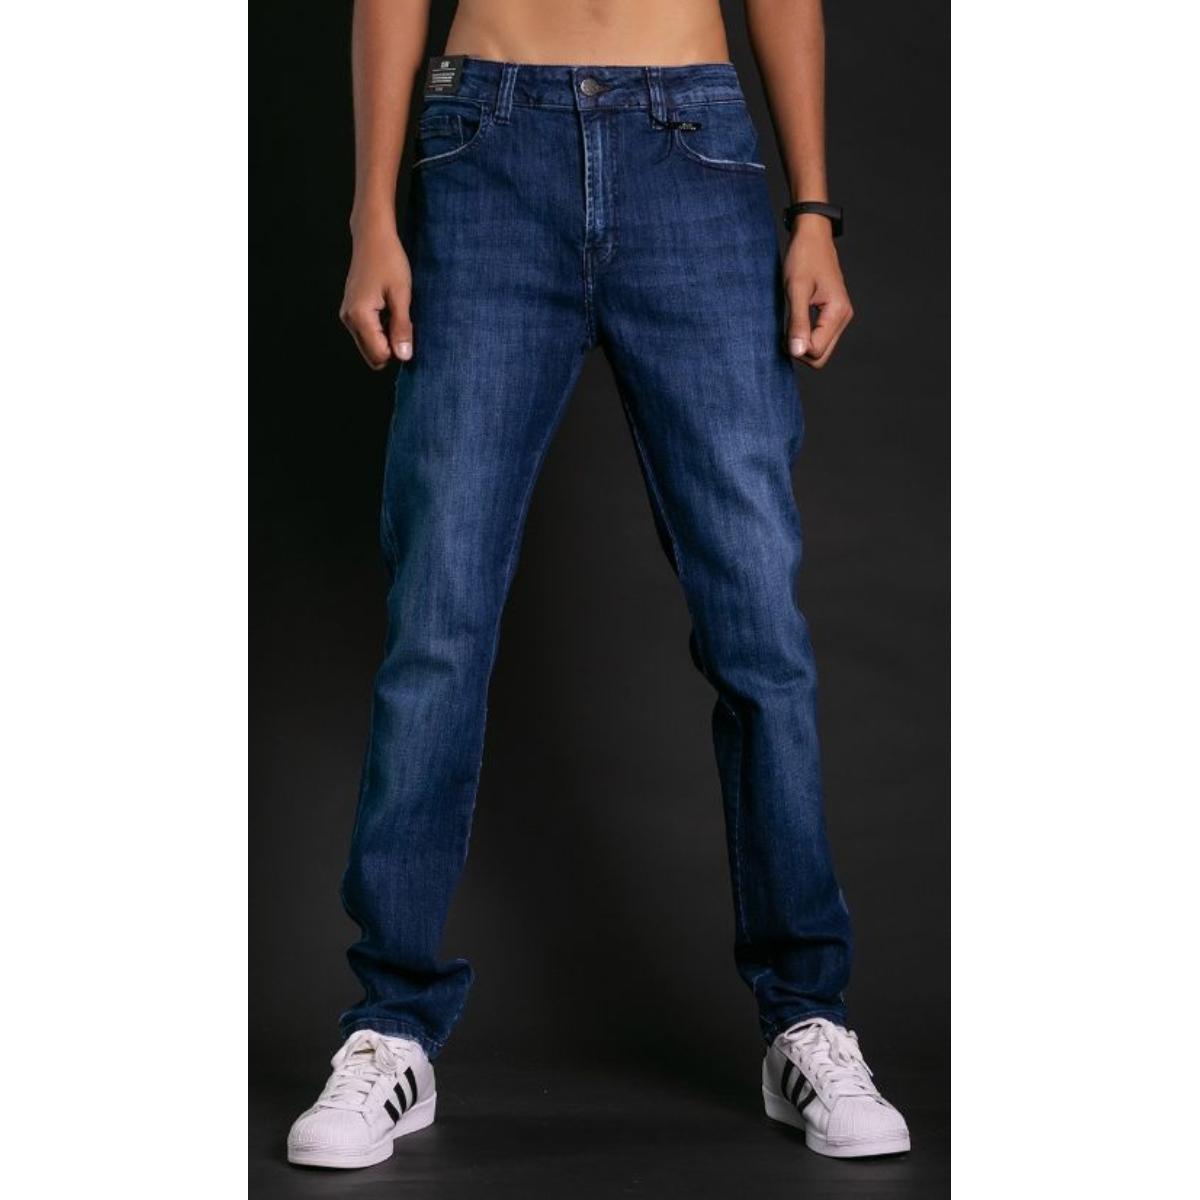 Calça Masculina Ellus 53a6662 1395 Jeans